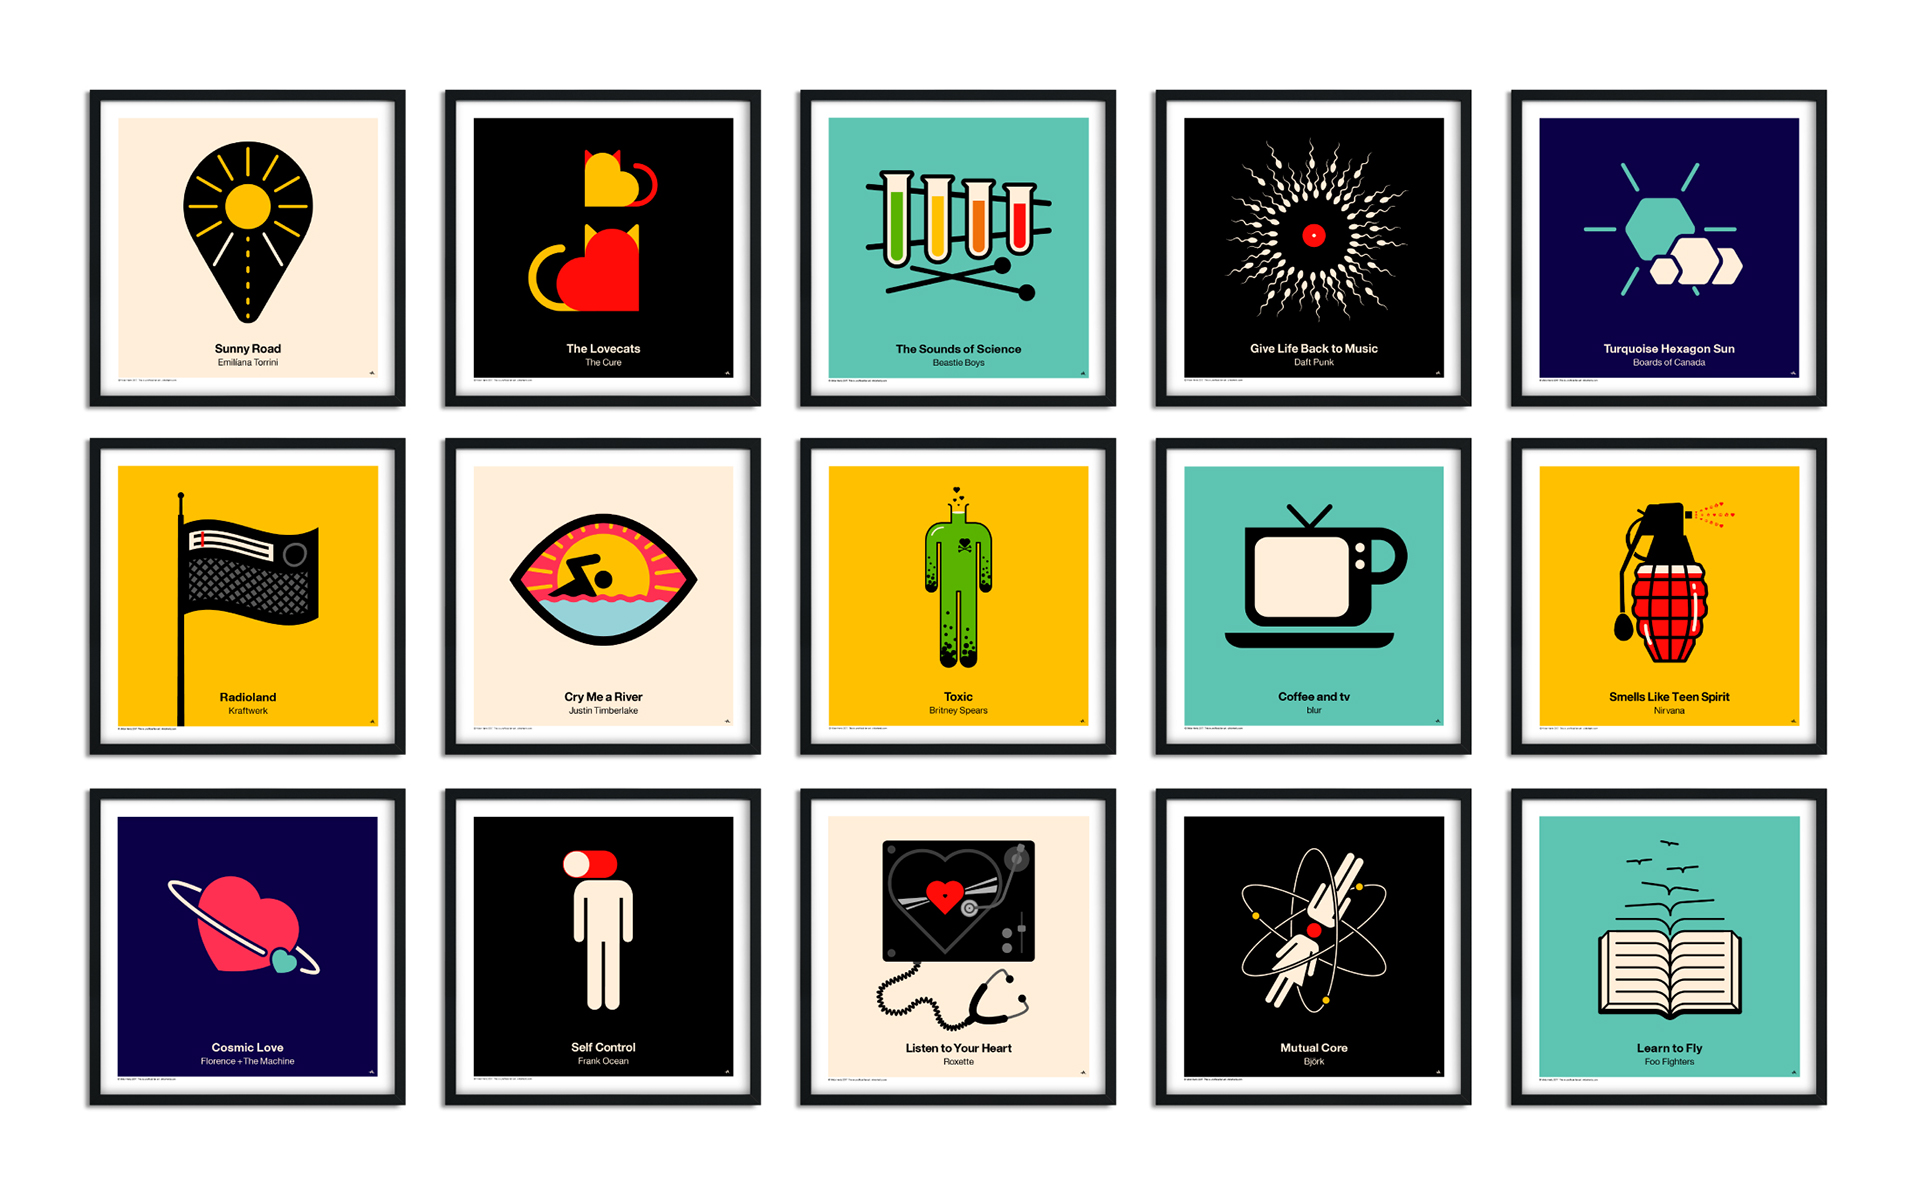 picotgram-vinyl-posters-00.jpg